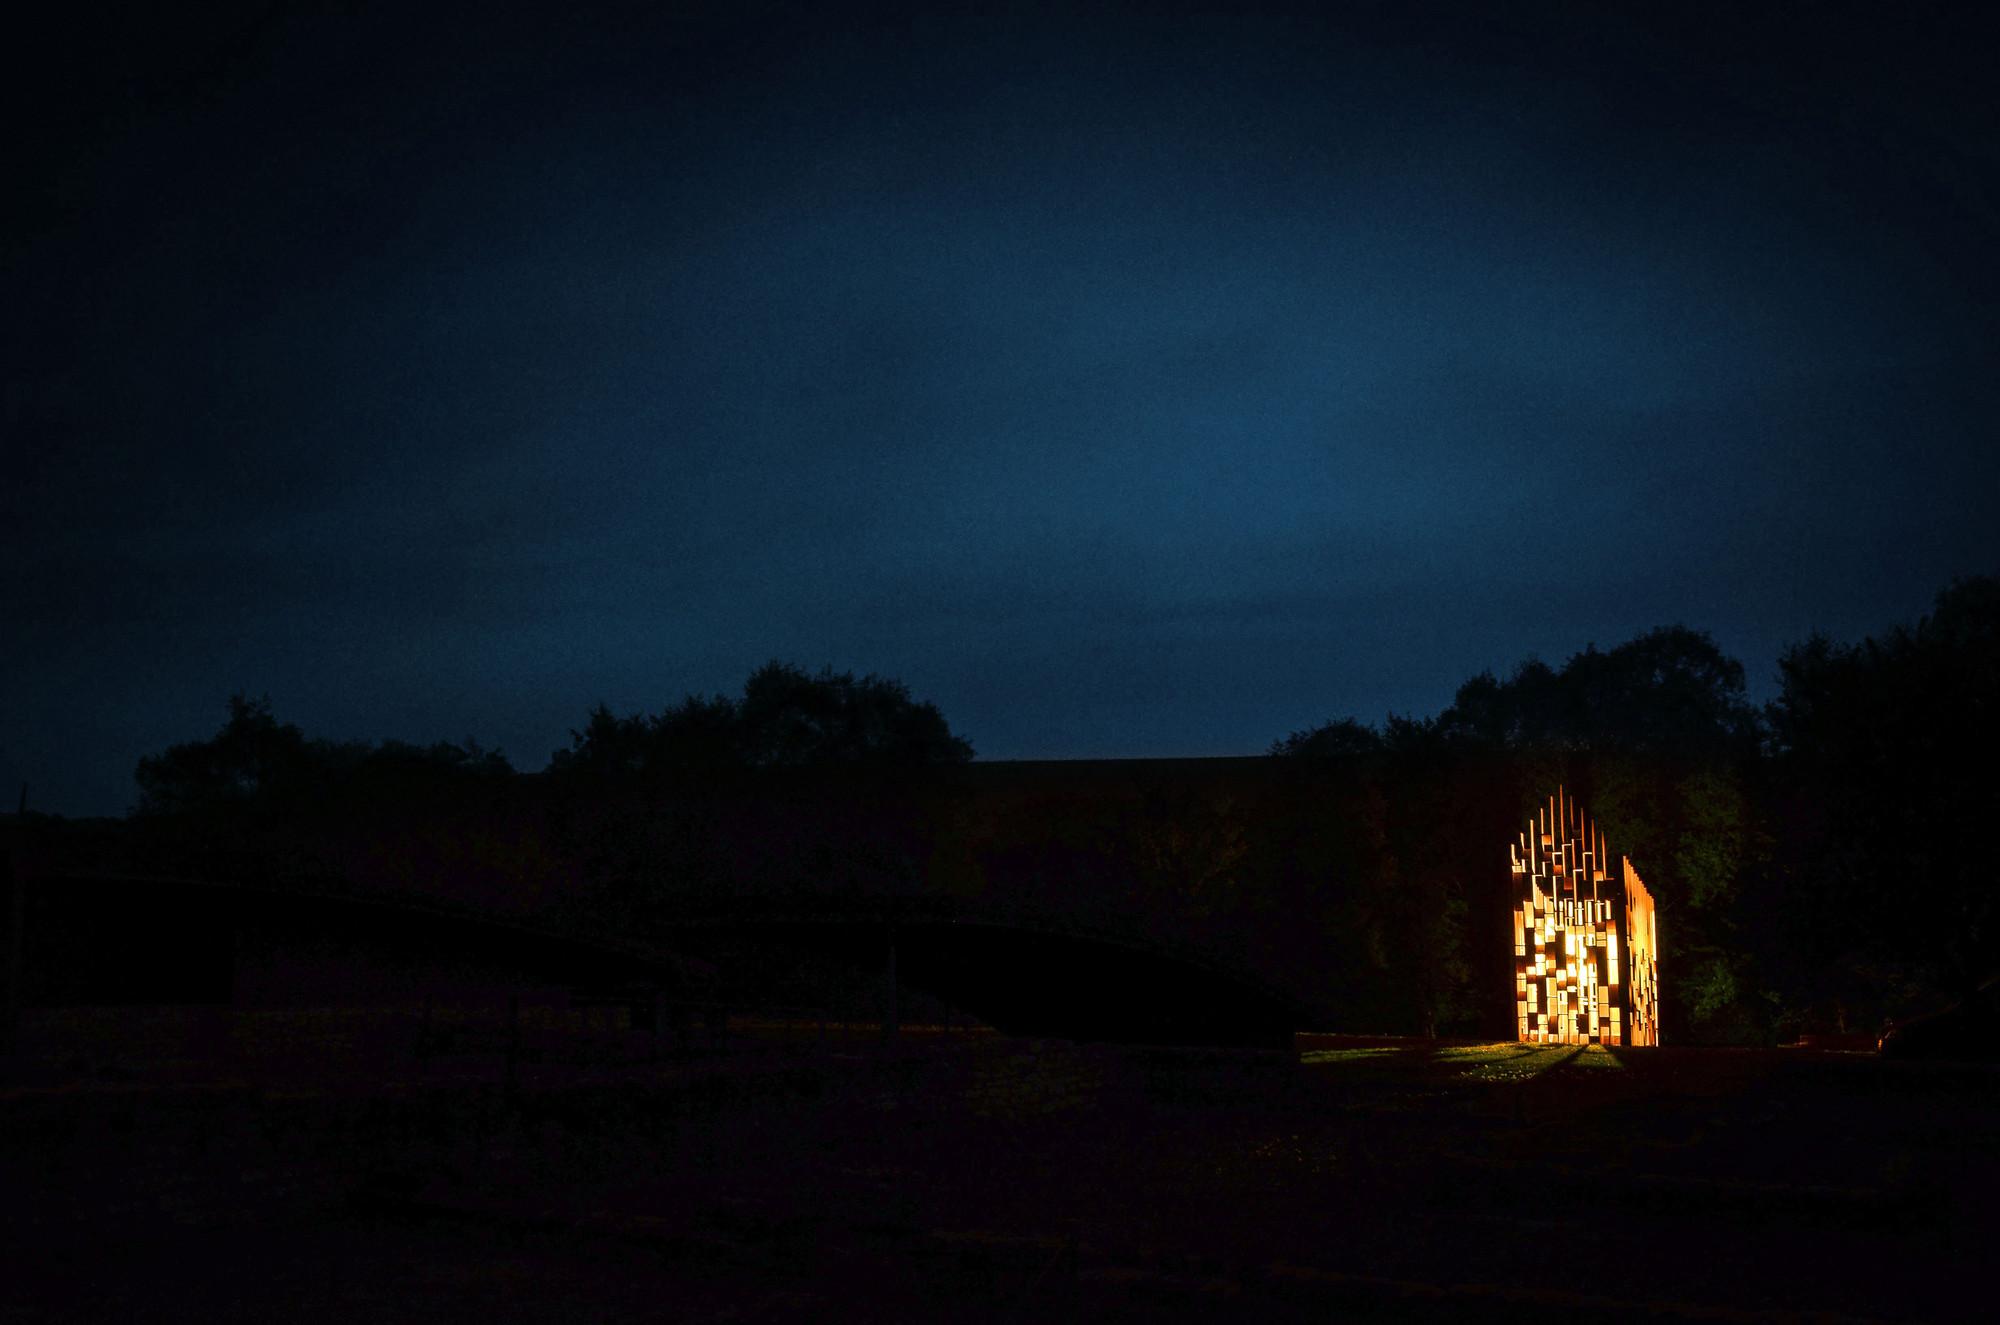 Lieu-dit Le Temple: lugares de culto por Ann Guillaume + Camille Tourneux, © Camille Tourneux